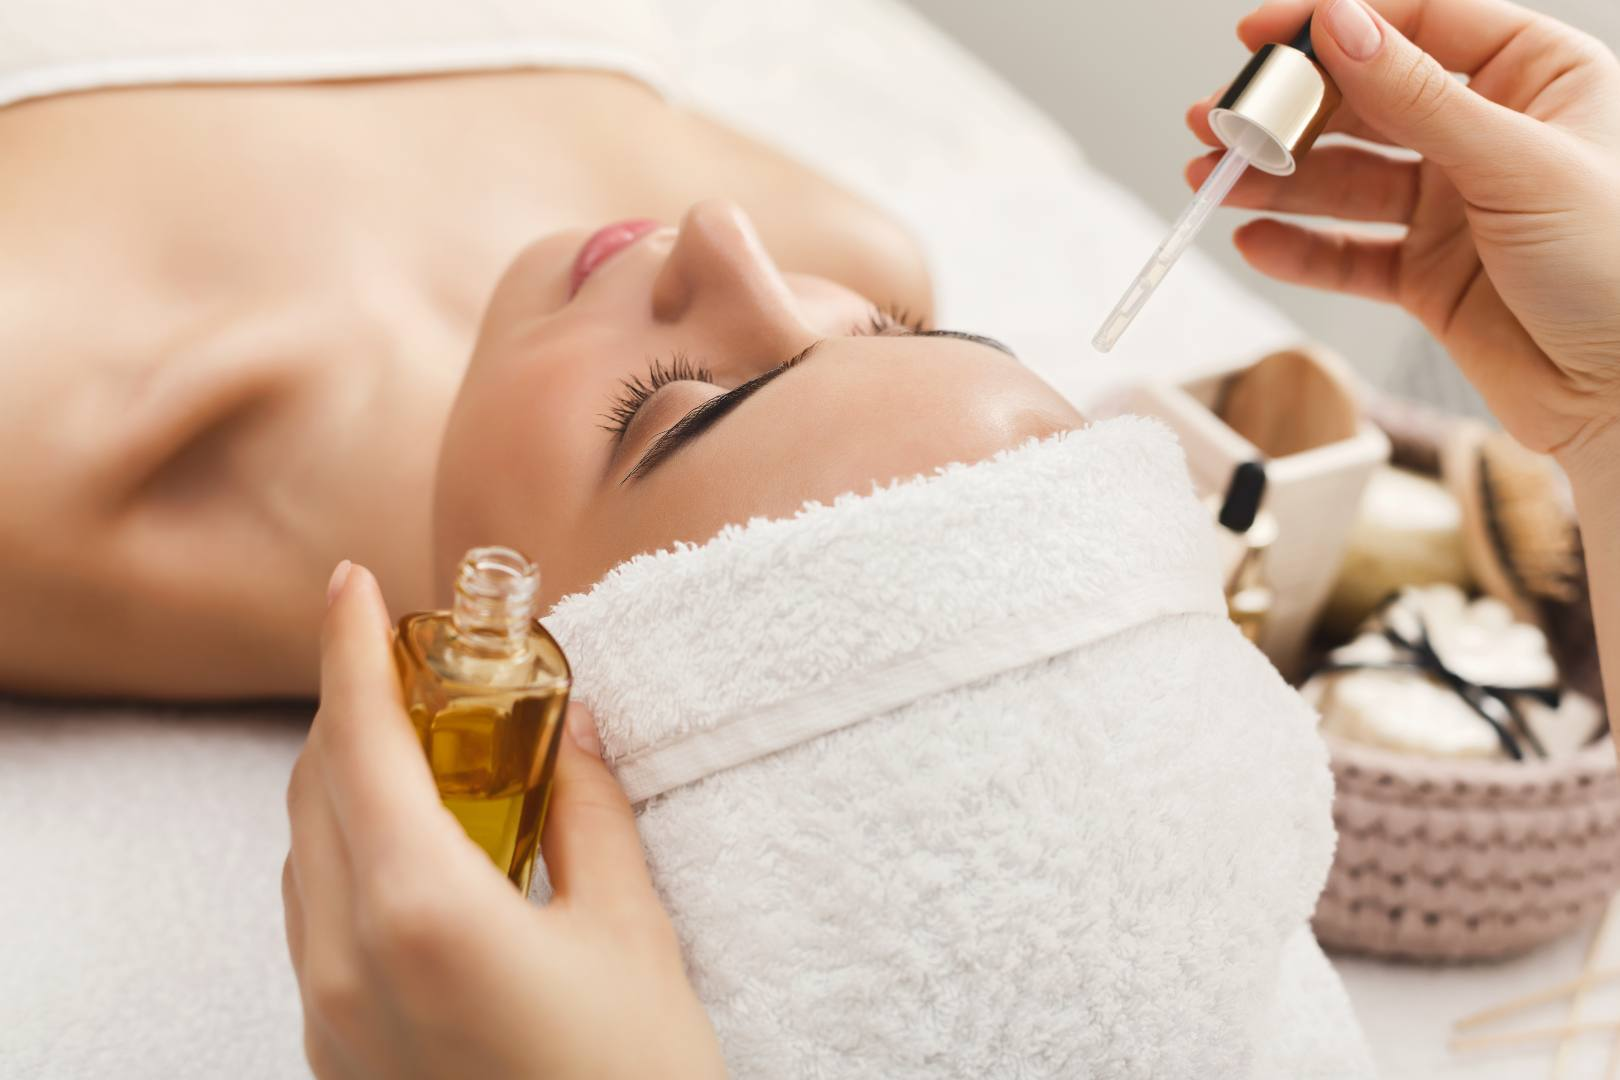 Facial Treatments Beauty Lounge Is An Award Winning Beauty Salon In Hanley